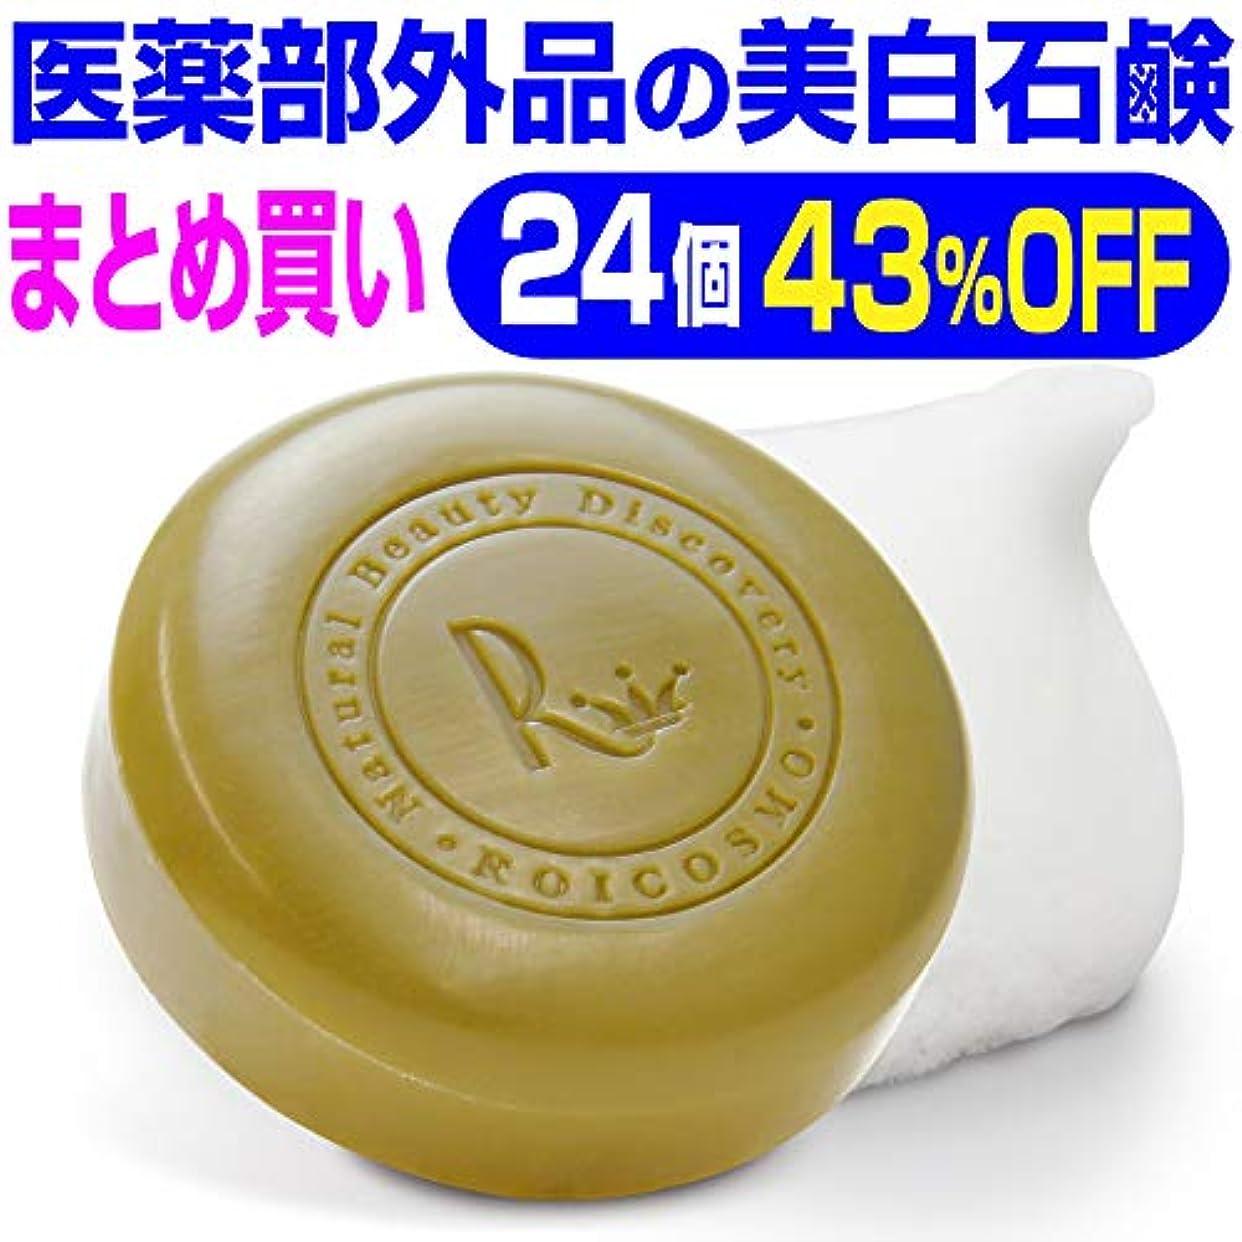 プレビスサイト垂直ゆりかご24個まとめ買い43%OFF 美白石鹸/ビタミンC270倍の美白成分配合の 洗顔石鹸『ホワイトソープ100g×24個』